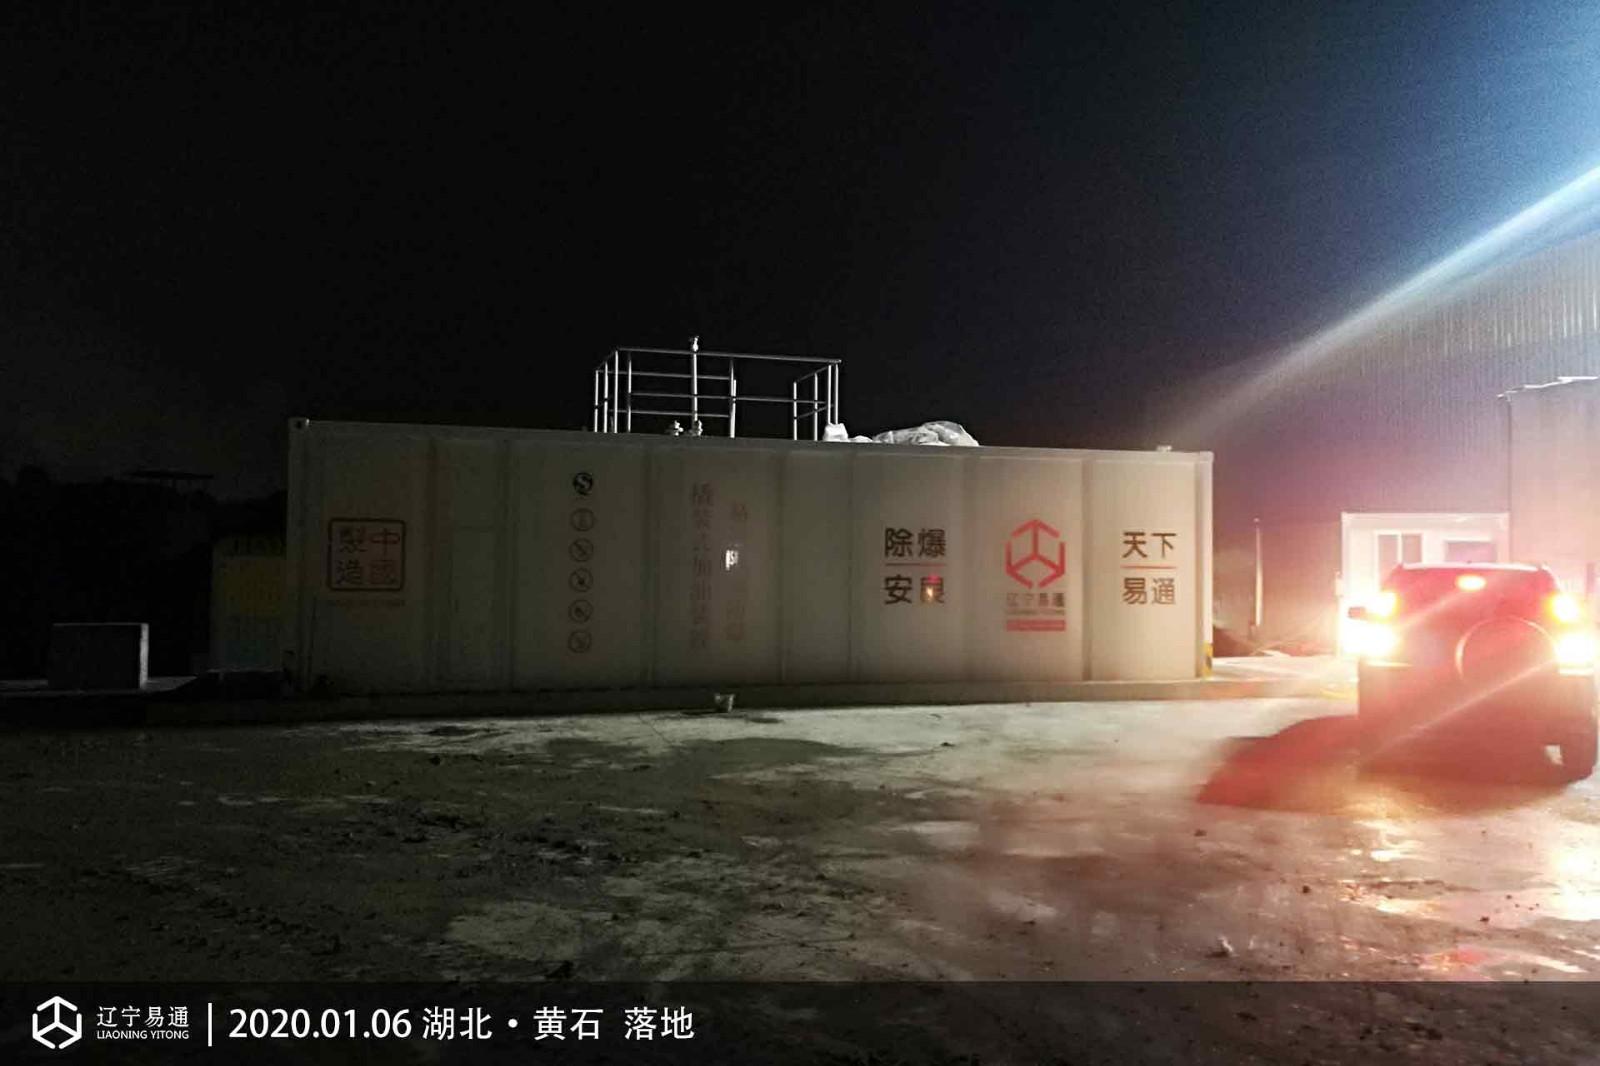 2020年1月6日 湖北黄石某建材厂 安装了辽宁易通撬装式manbetx万博装置